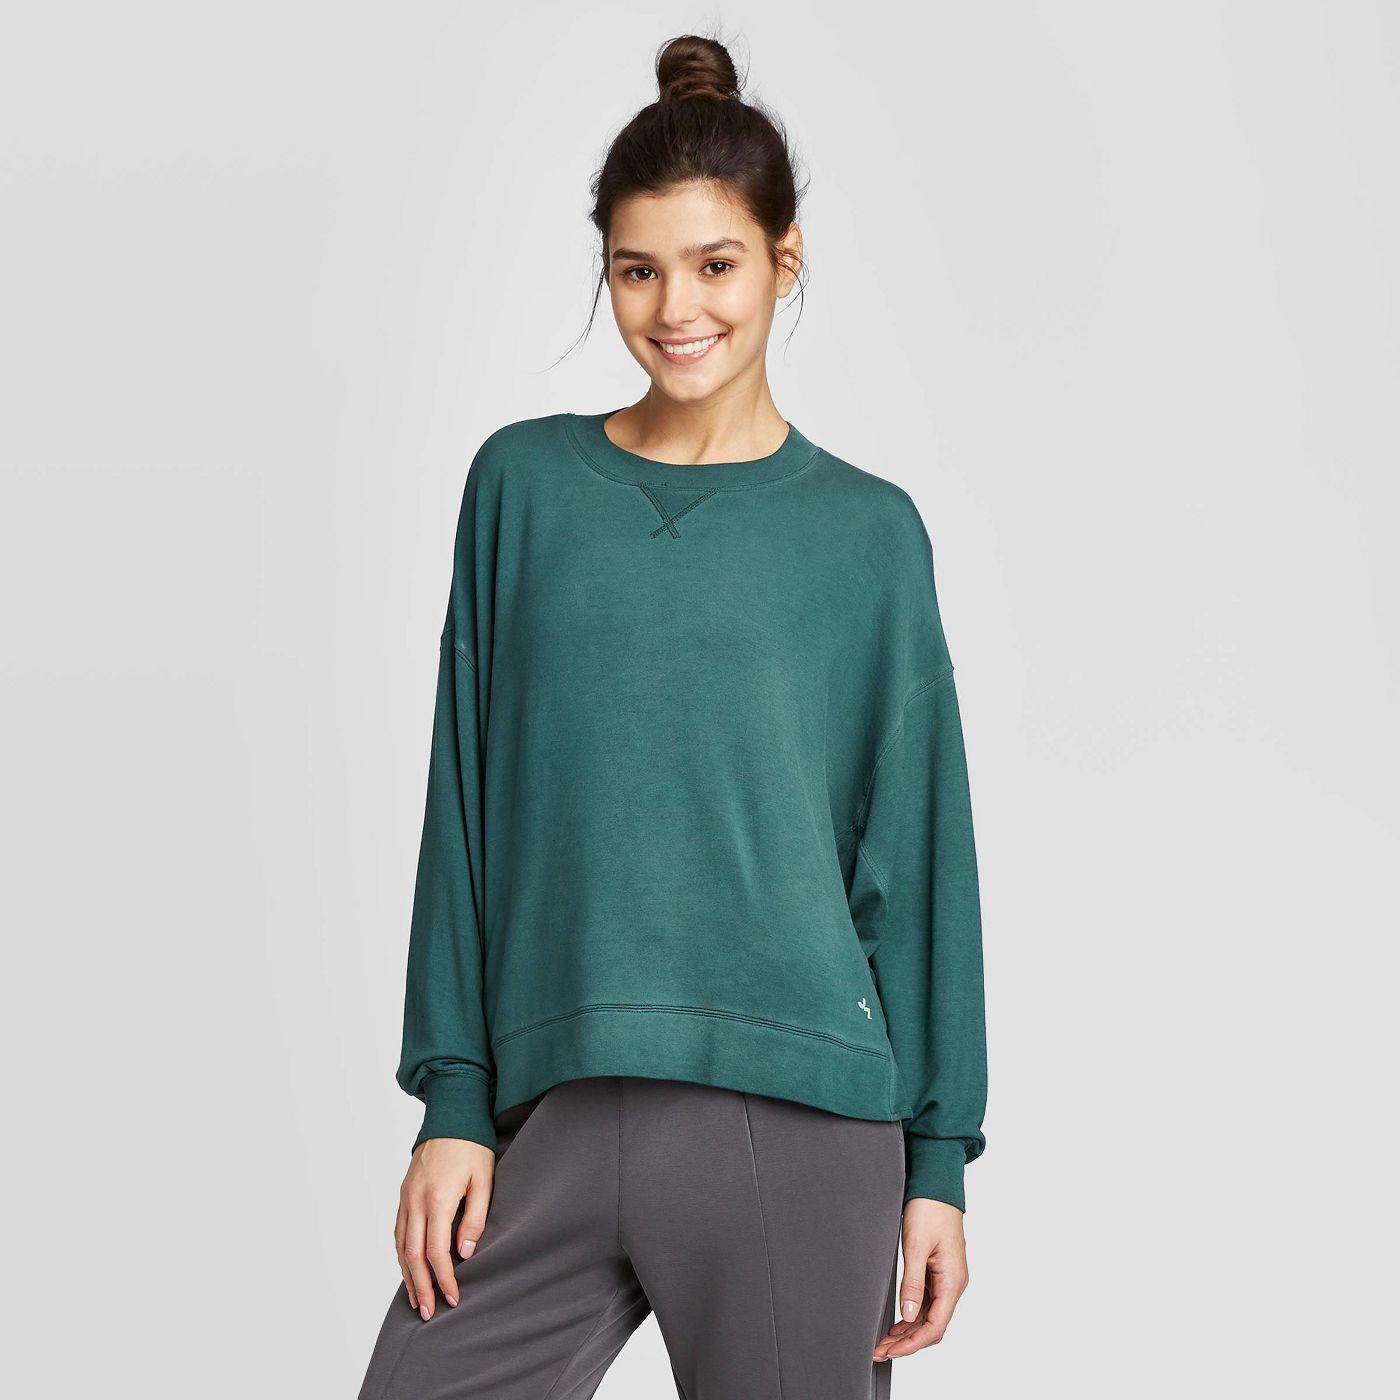 Women's Cozy Long Sleeve Sweatshirt - JoyLab™ - image 1 of 5